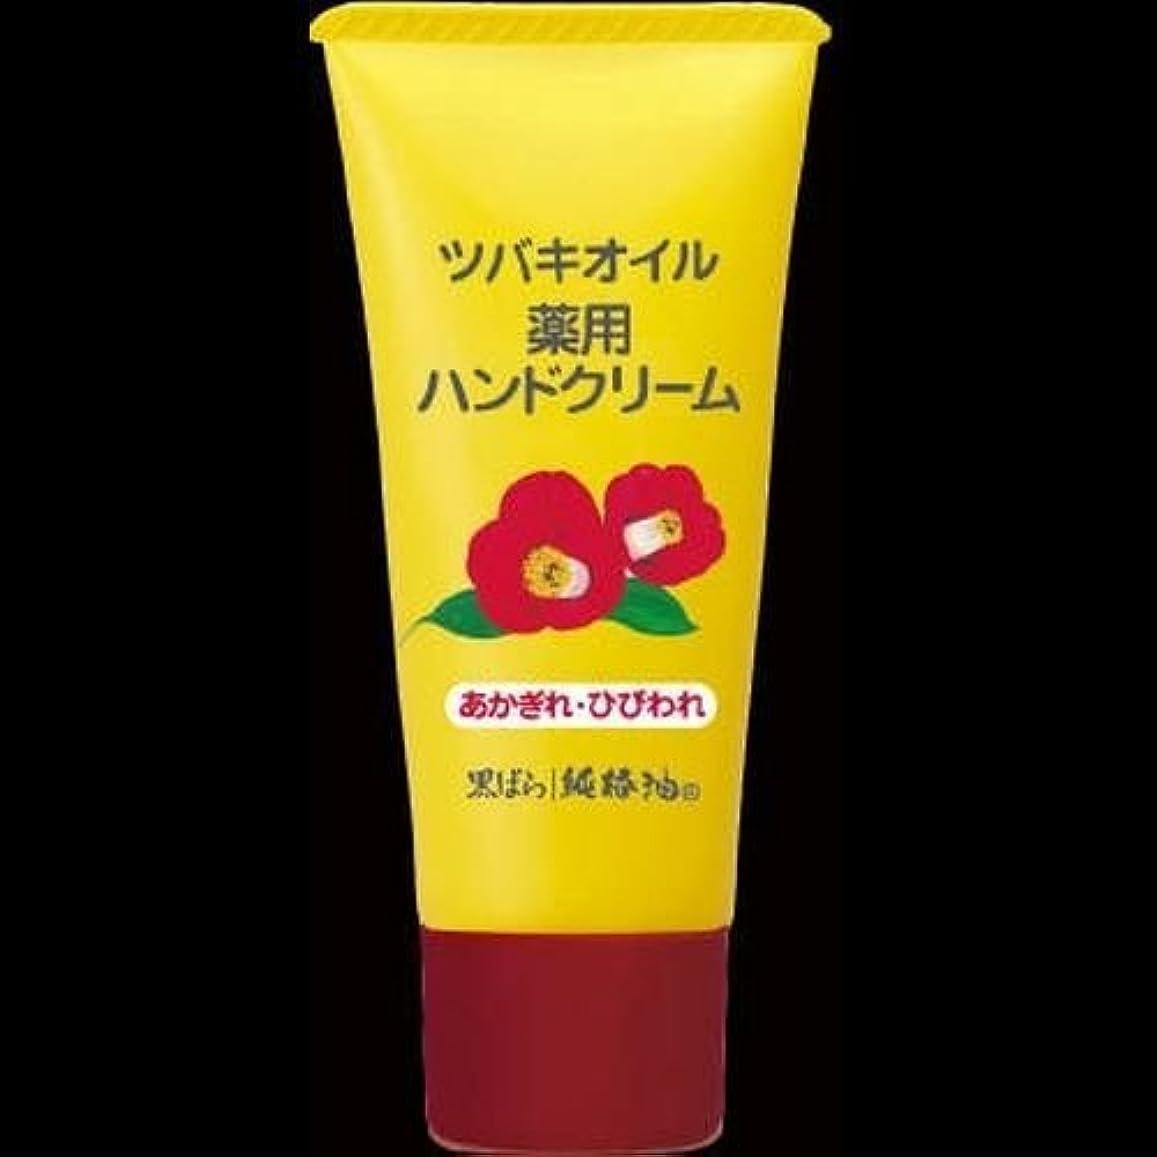 不利益司書甘い【まとめ買い】黒ばら本舗 椿オイルハンドクリーム 35g ×2セット